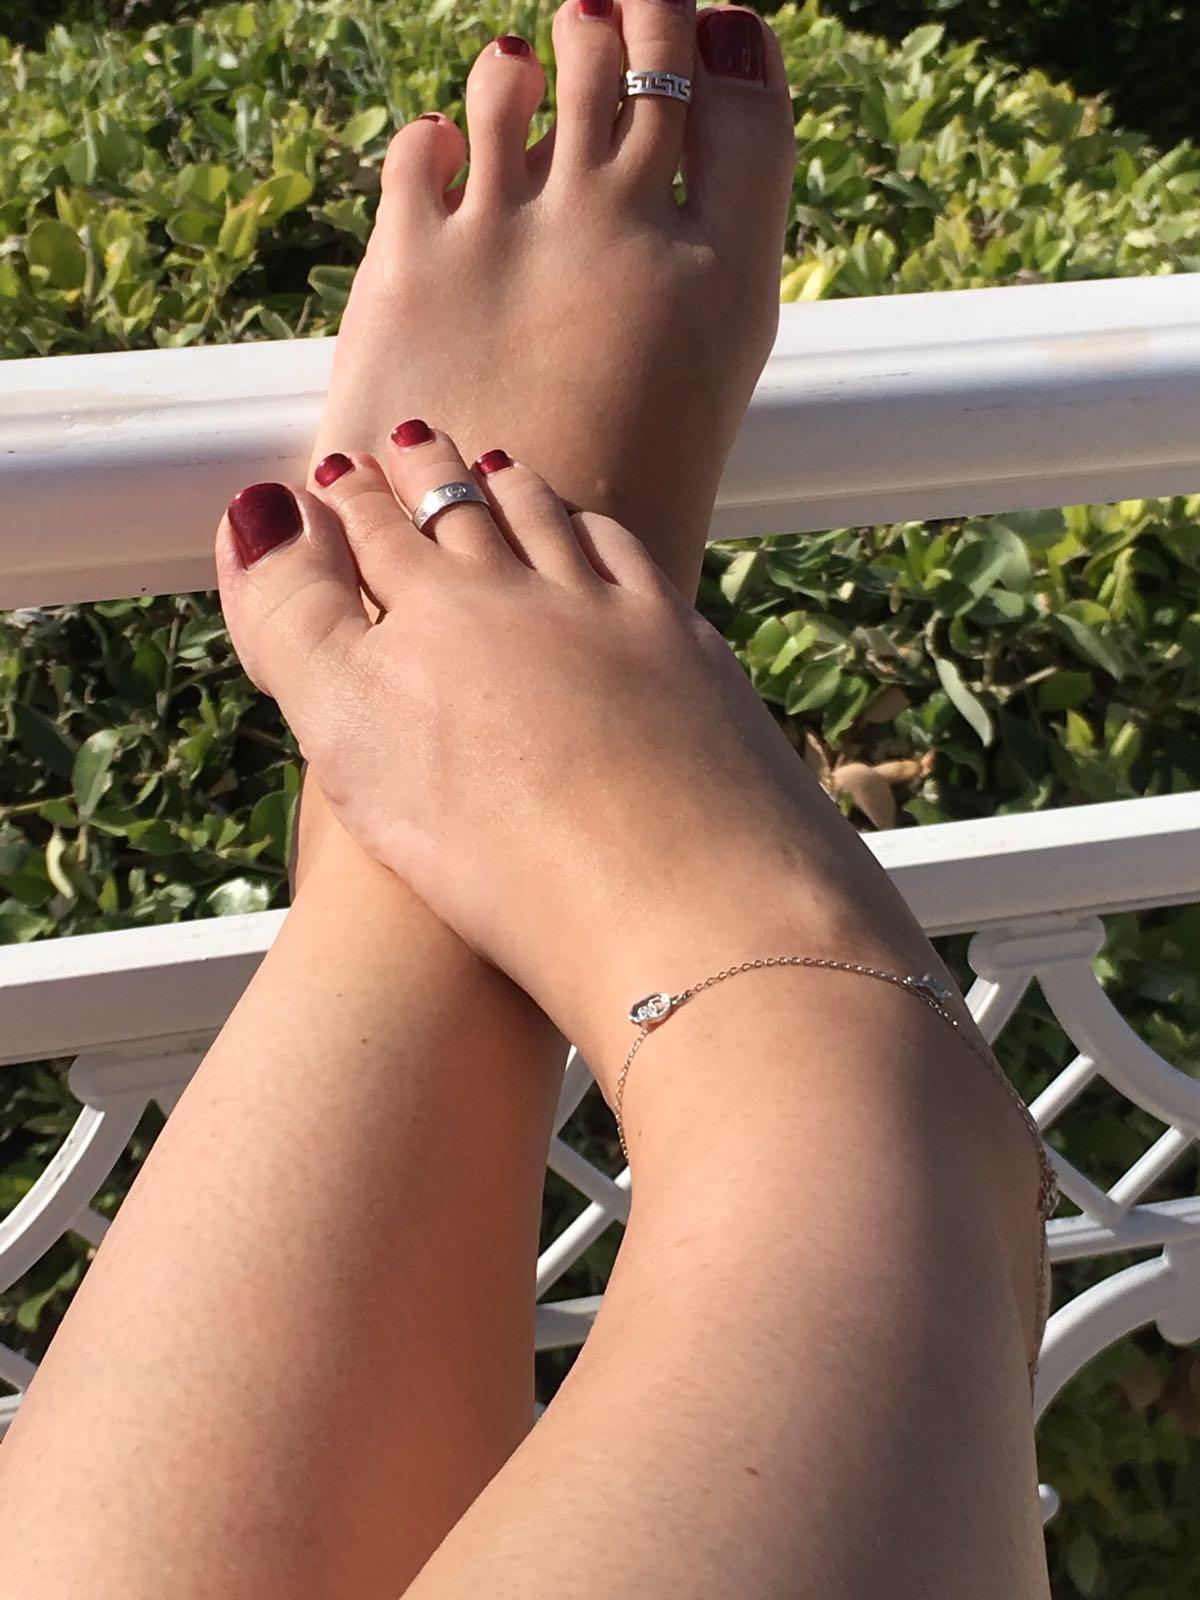 foot fetish barefoot toes ankle bracelet